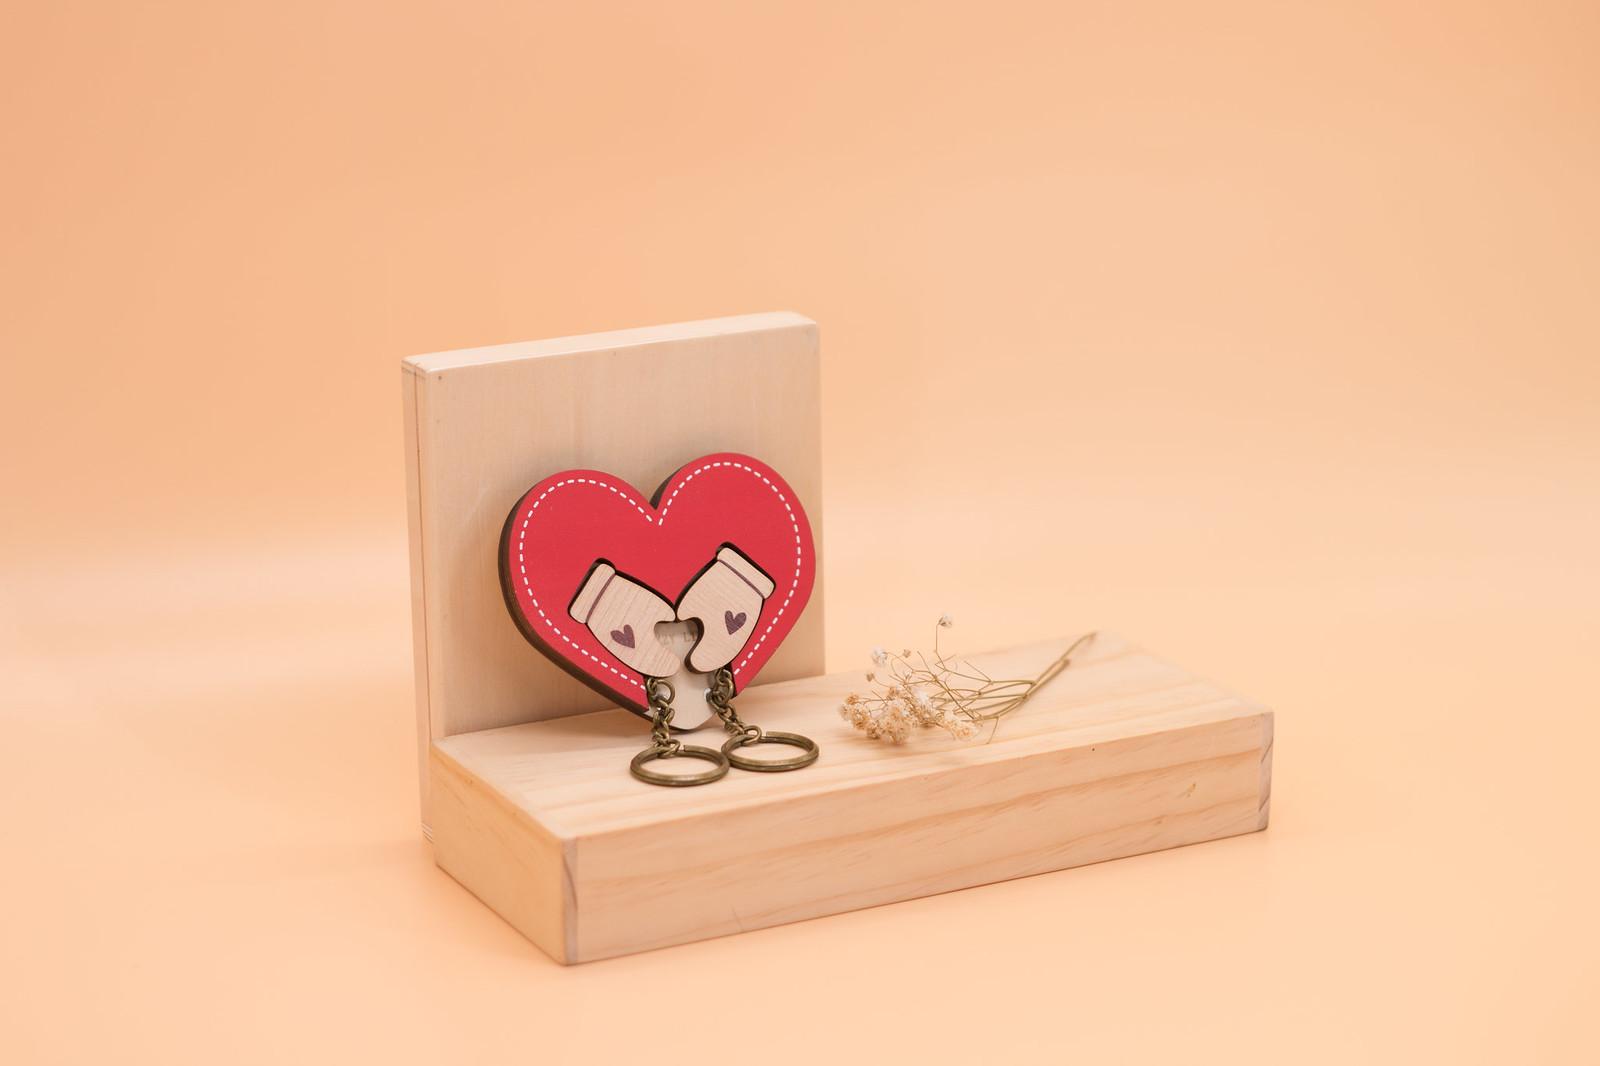 鑰匙圈 客製化 禮物 特色產品 居家 台灣設計 生日 情人節 手套 情侶 雙人 愛心 紅色 文化 傳統 療癒 聖誕節 收納 裝飾 吊飾 送禮 中性 木 楓木 胡桃木 鑰匙